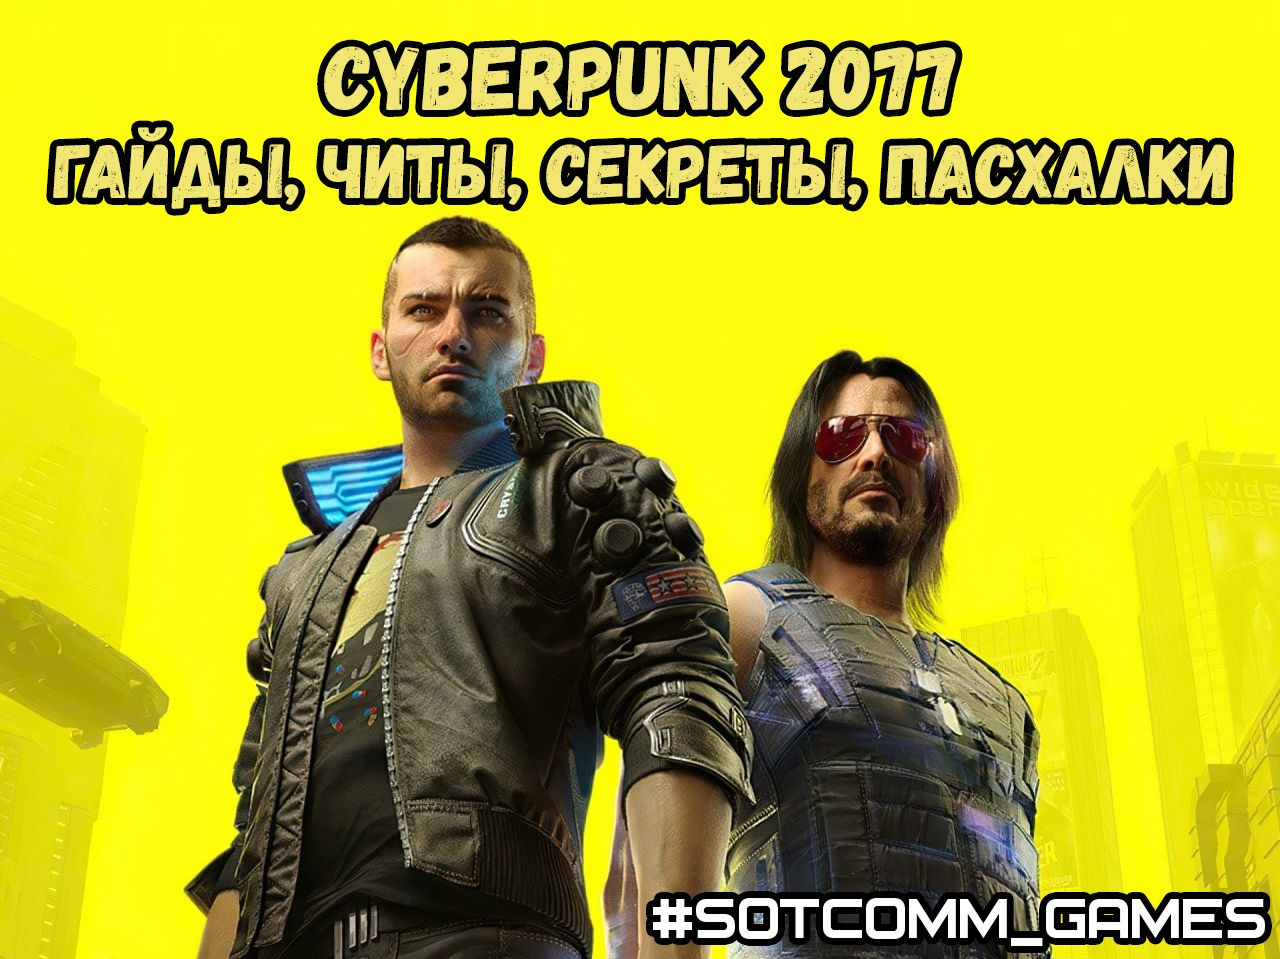 Cyberpunk 2077 Читы, гайды, секреты, коды, пасхалки.